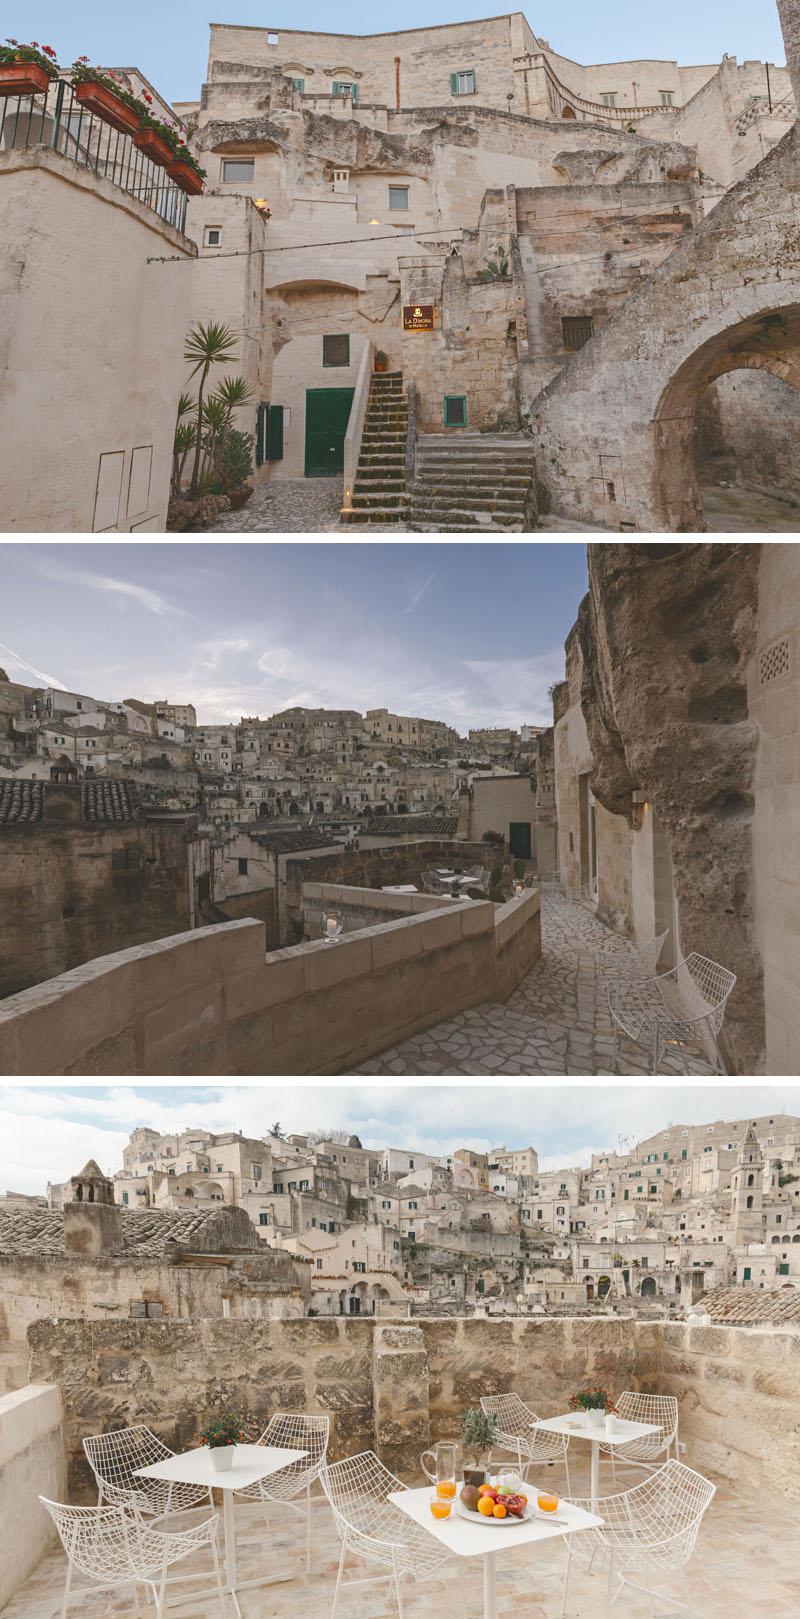 Arquitetos italianos transformam antiga caverna em um oásis moderno 09